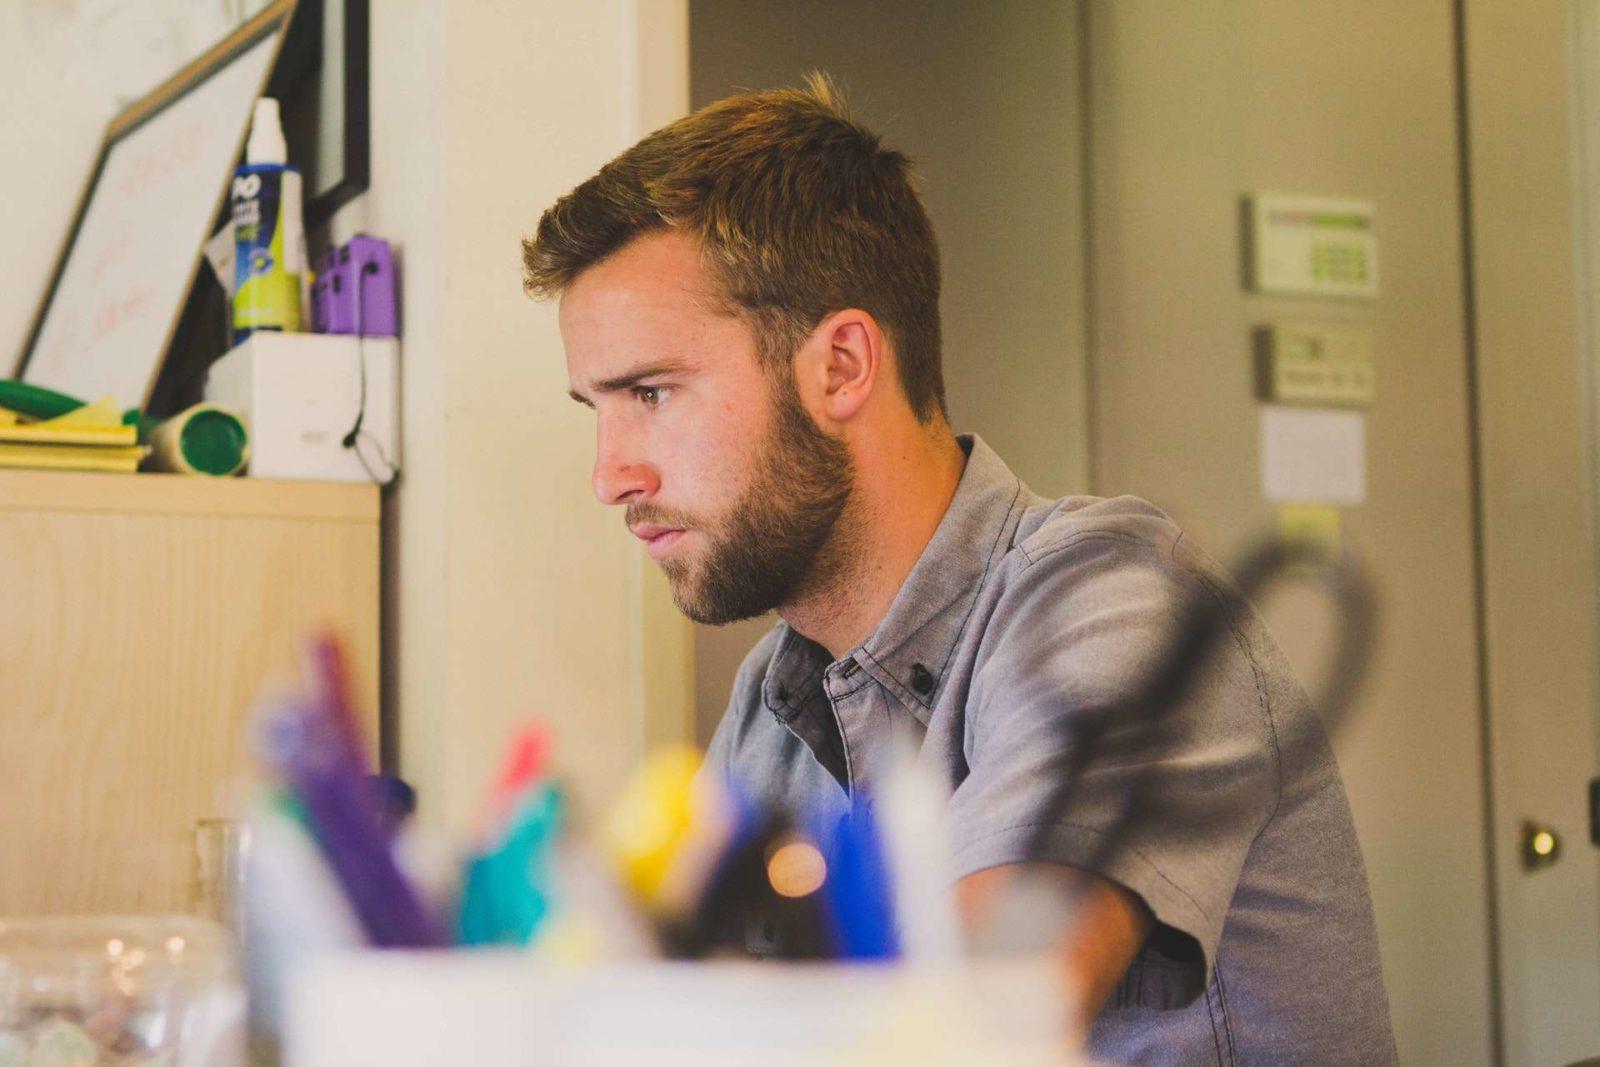 Wie findet man einen Job nach dem Informatikstudium?